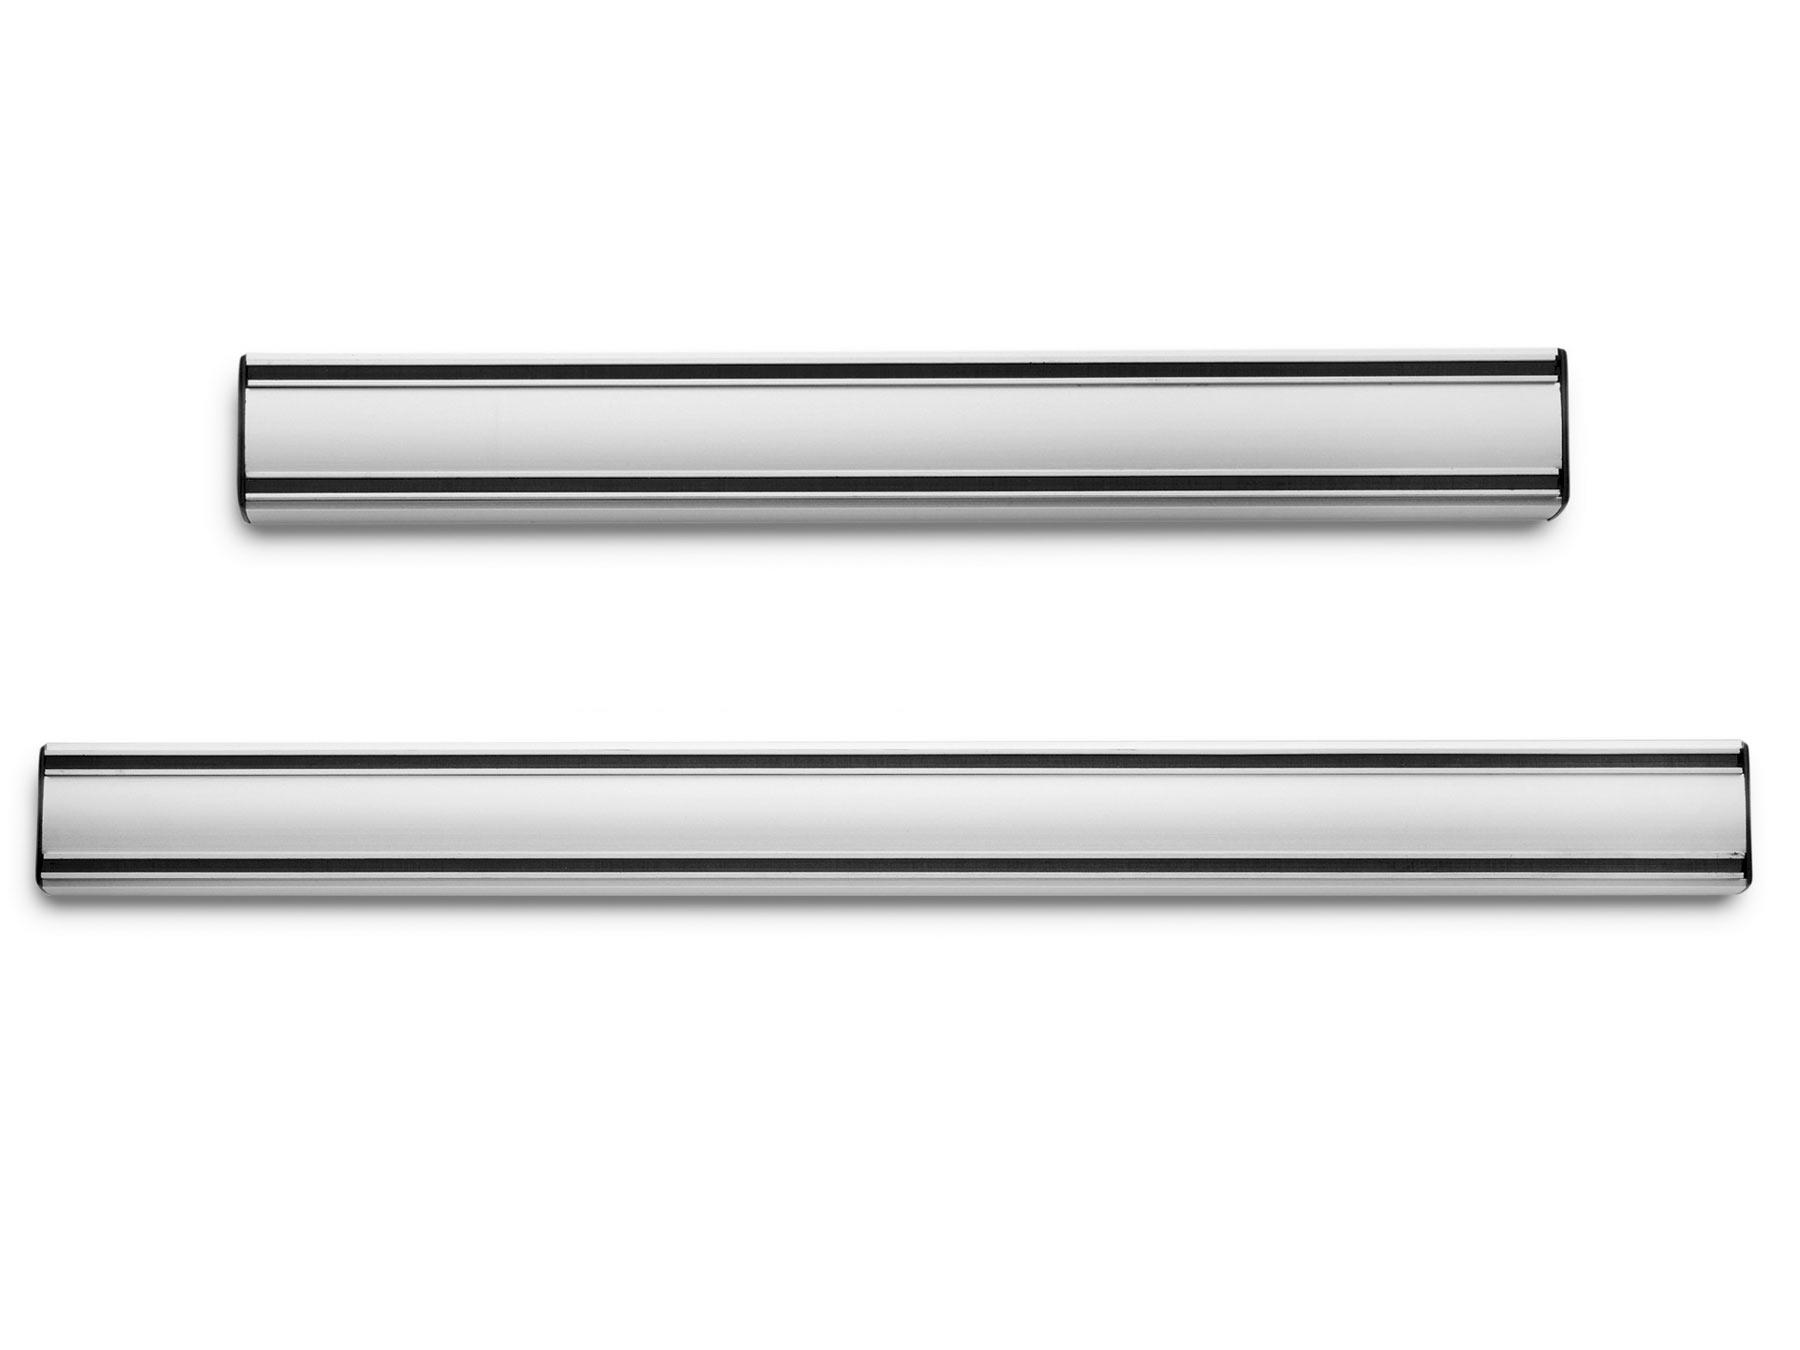 Wüsthof 7228/50 Magnethalter / Magnetleiste Aluminium 50 cm